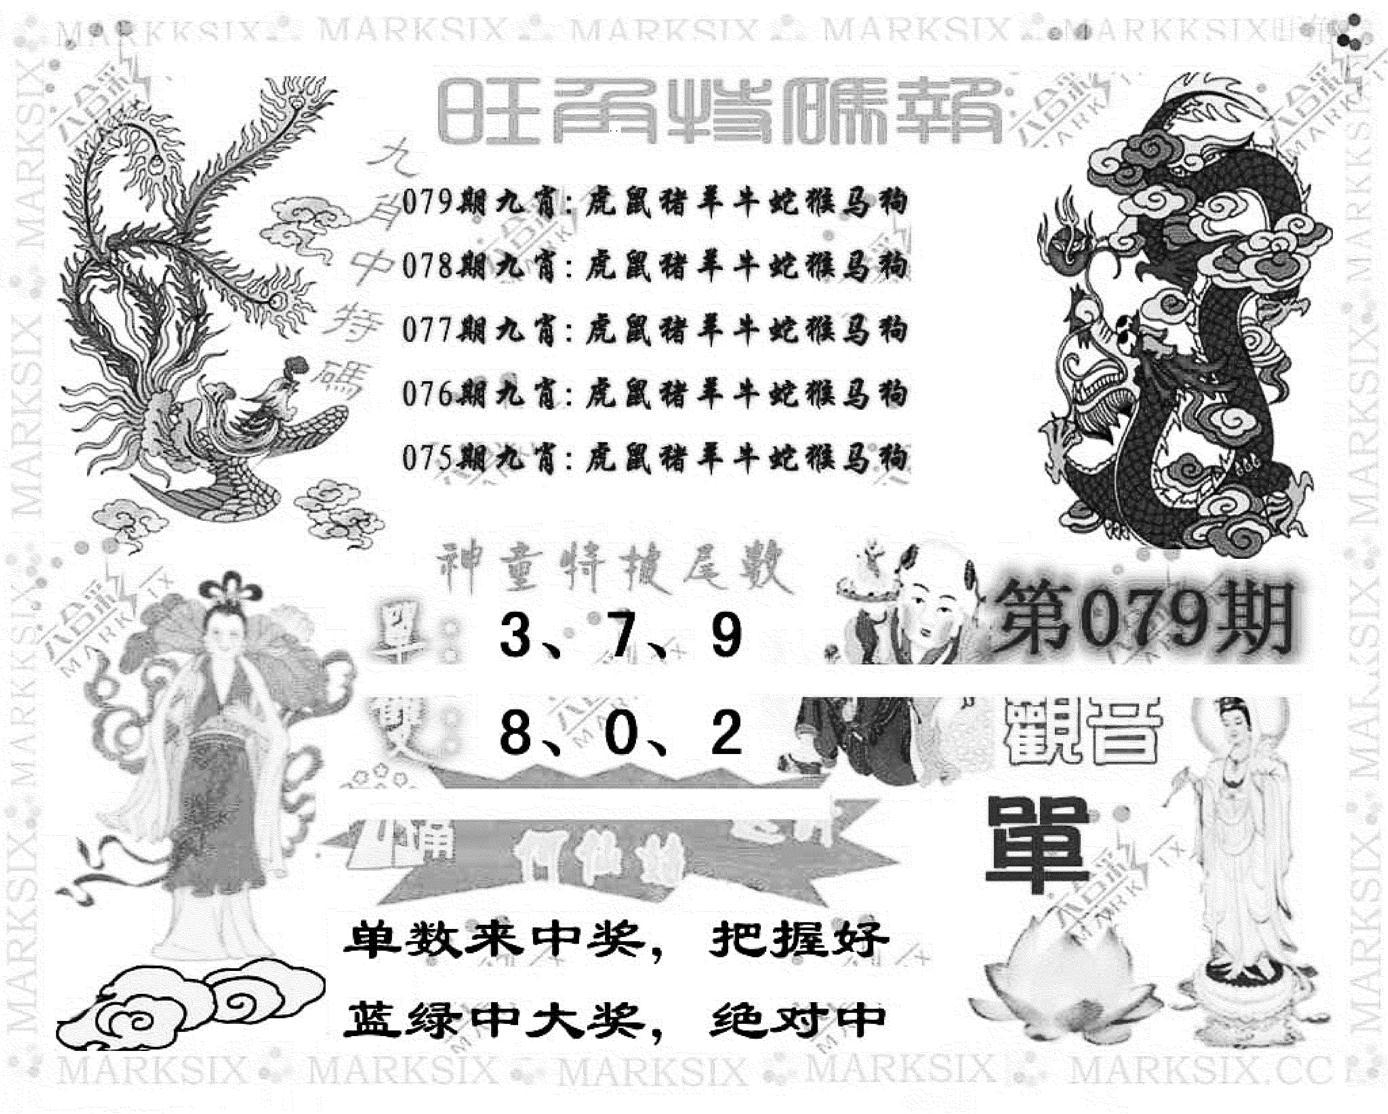 079期旺角特码报(彩)(黑白)